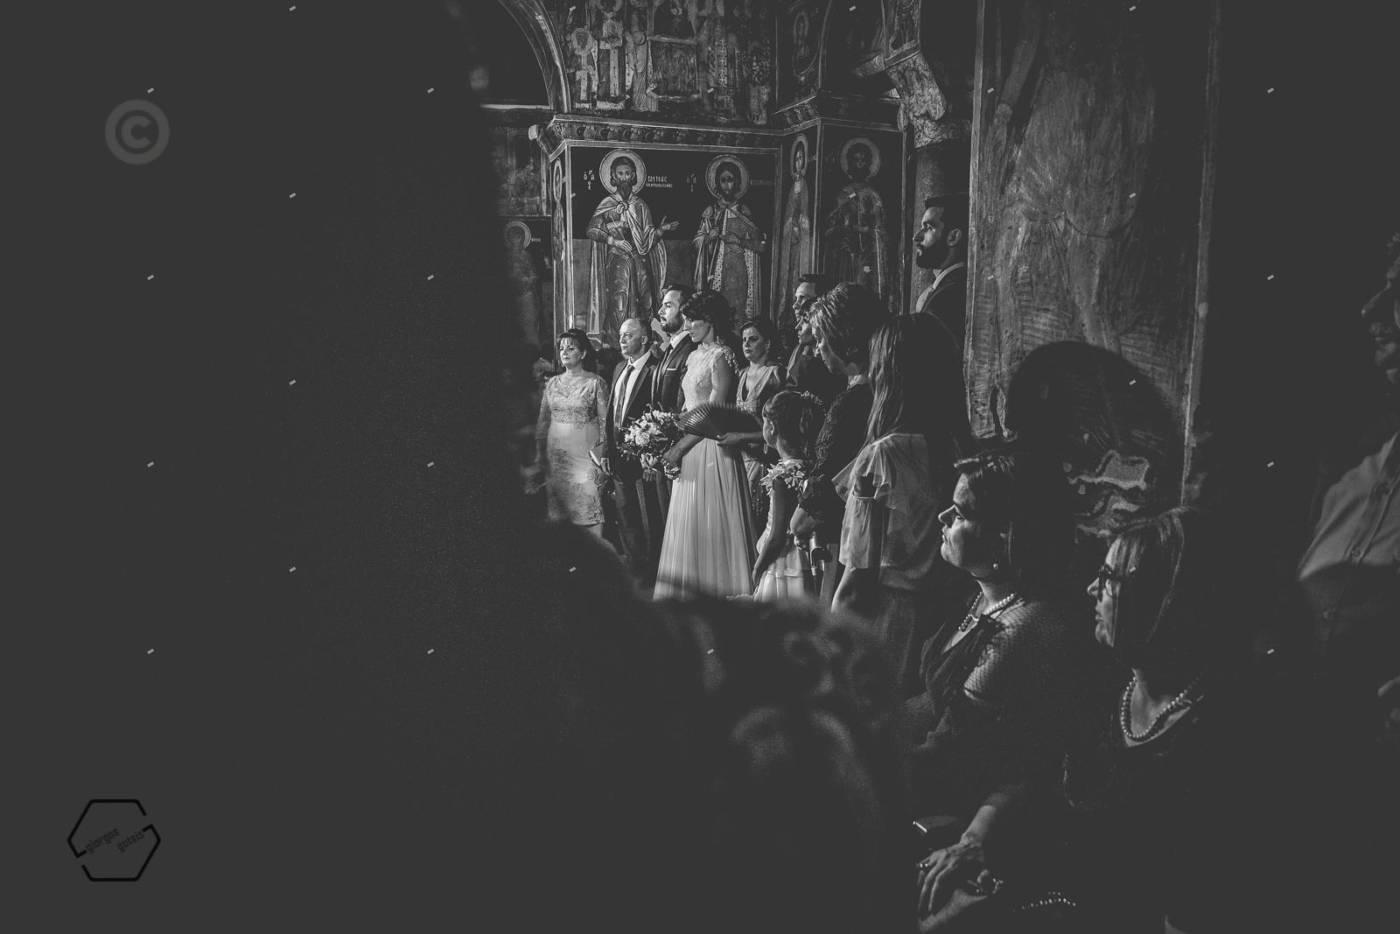 κοίμηση θεοτόκου καλαμπάκα, βιντεο γάμου